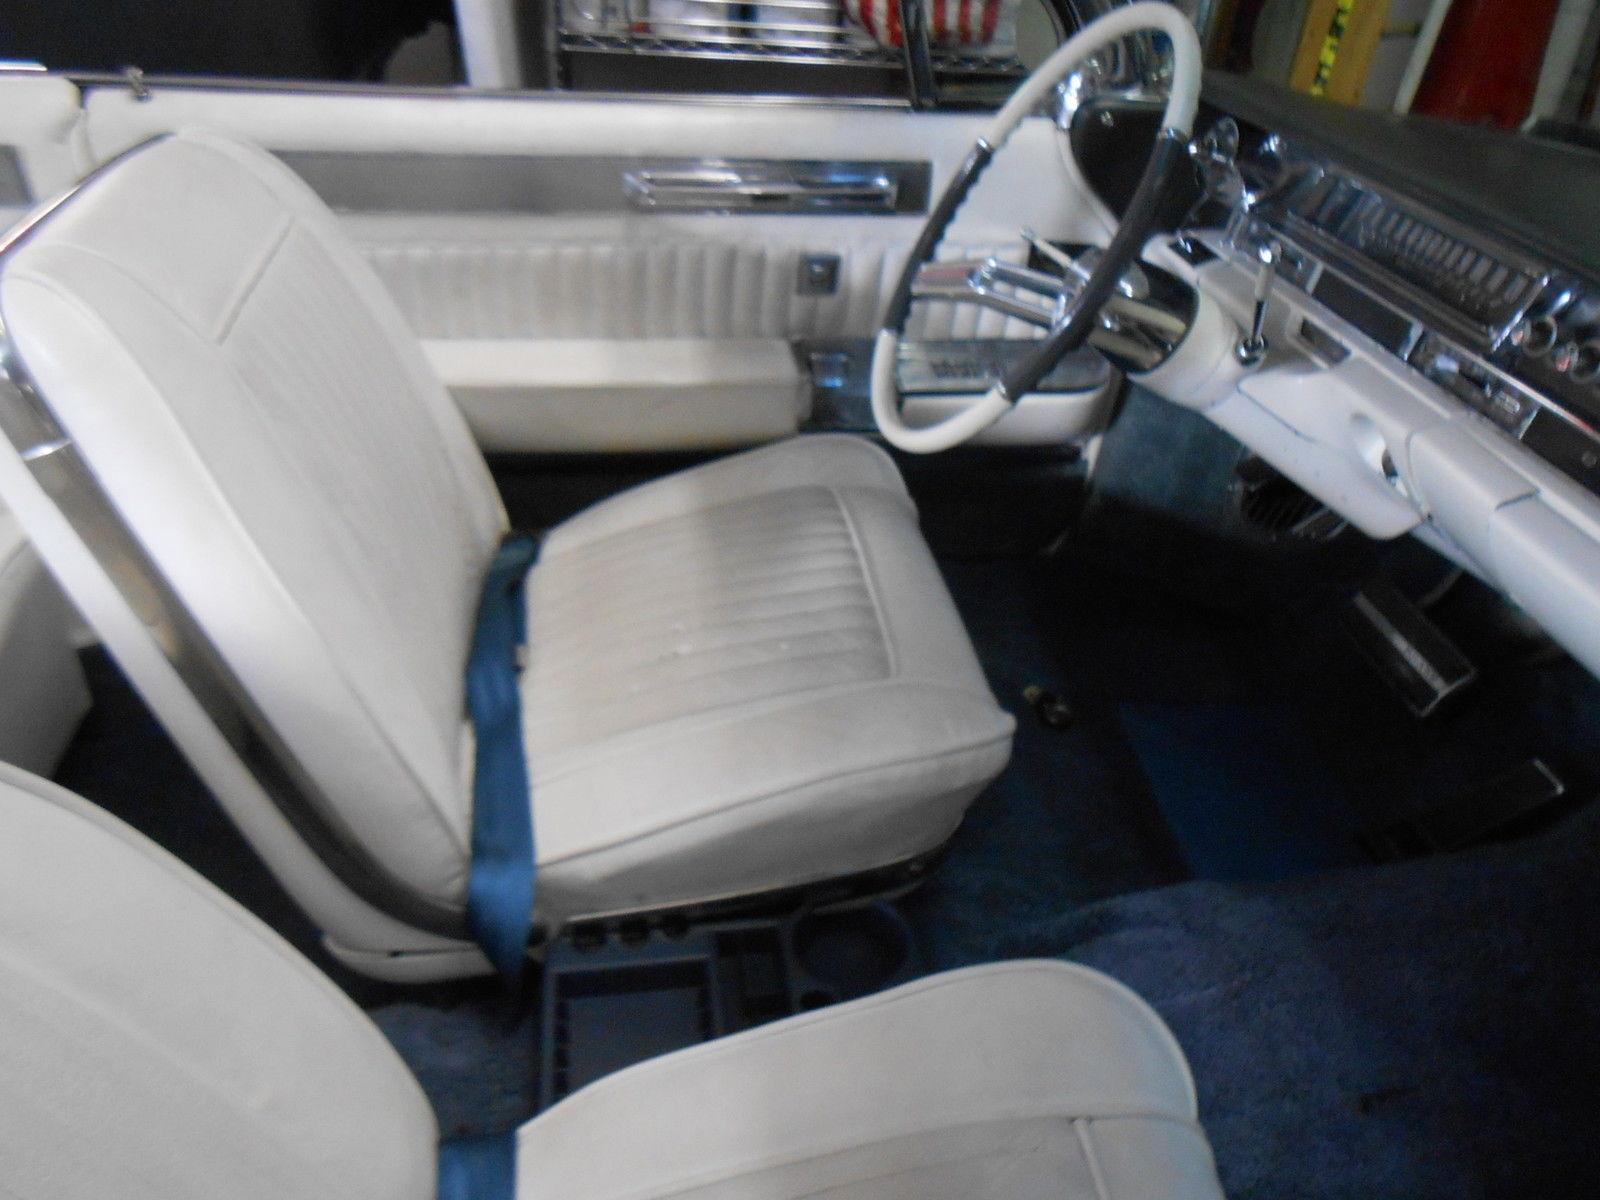 1961 Cadillac Eldo Biarritz Convertible Restoredrare Bucket Seats El Dorado Technical Specifications Of Eldorado